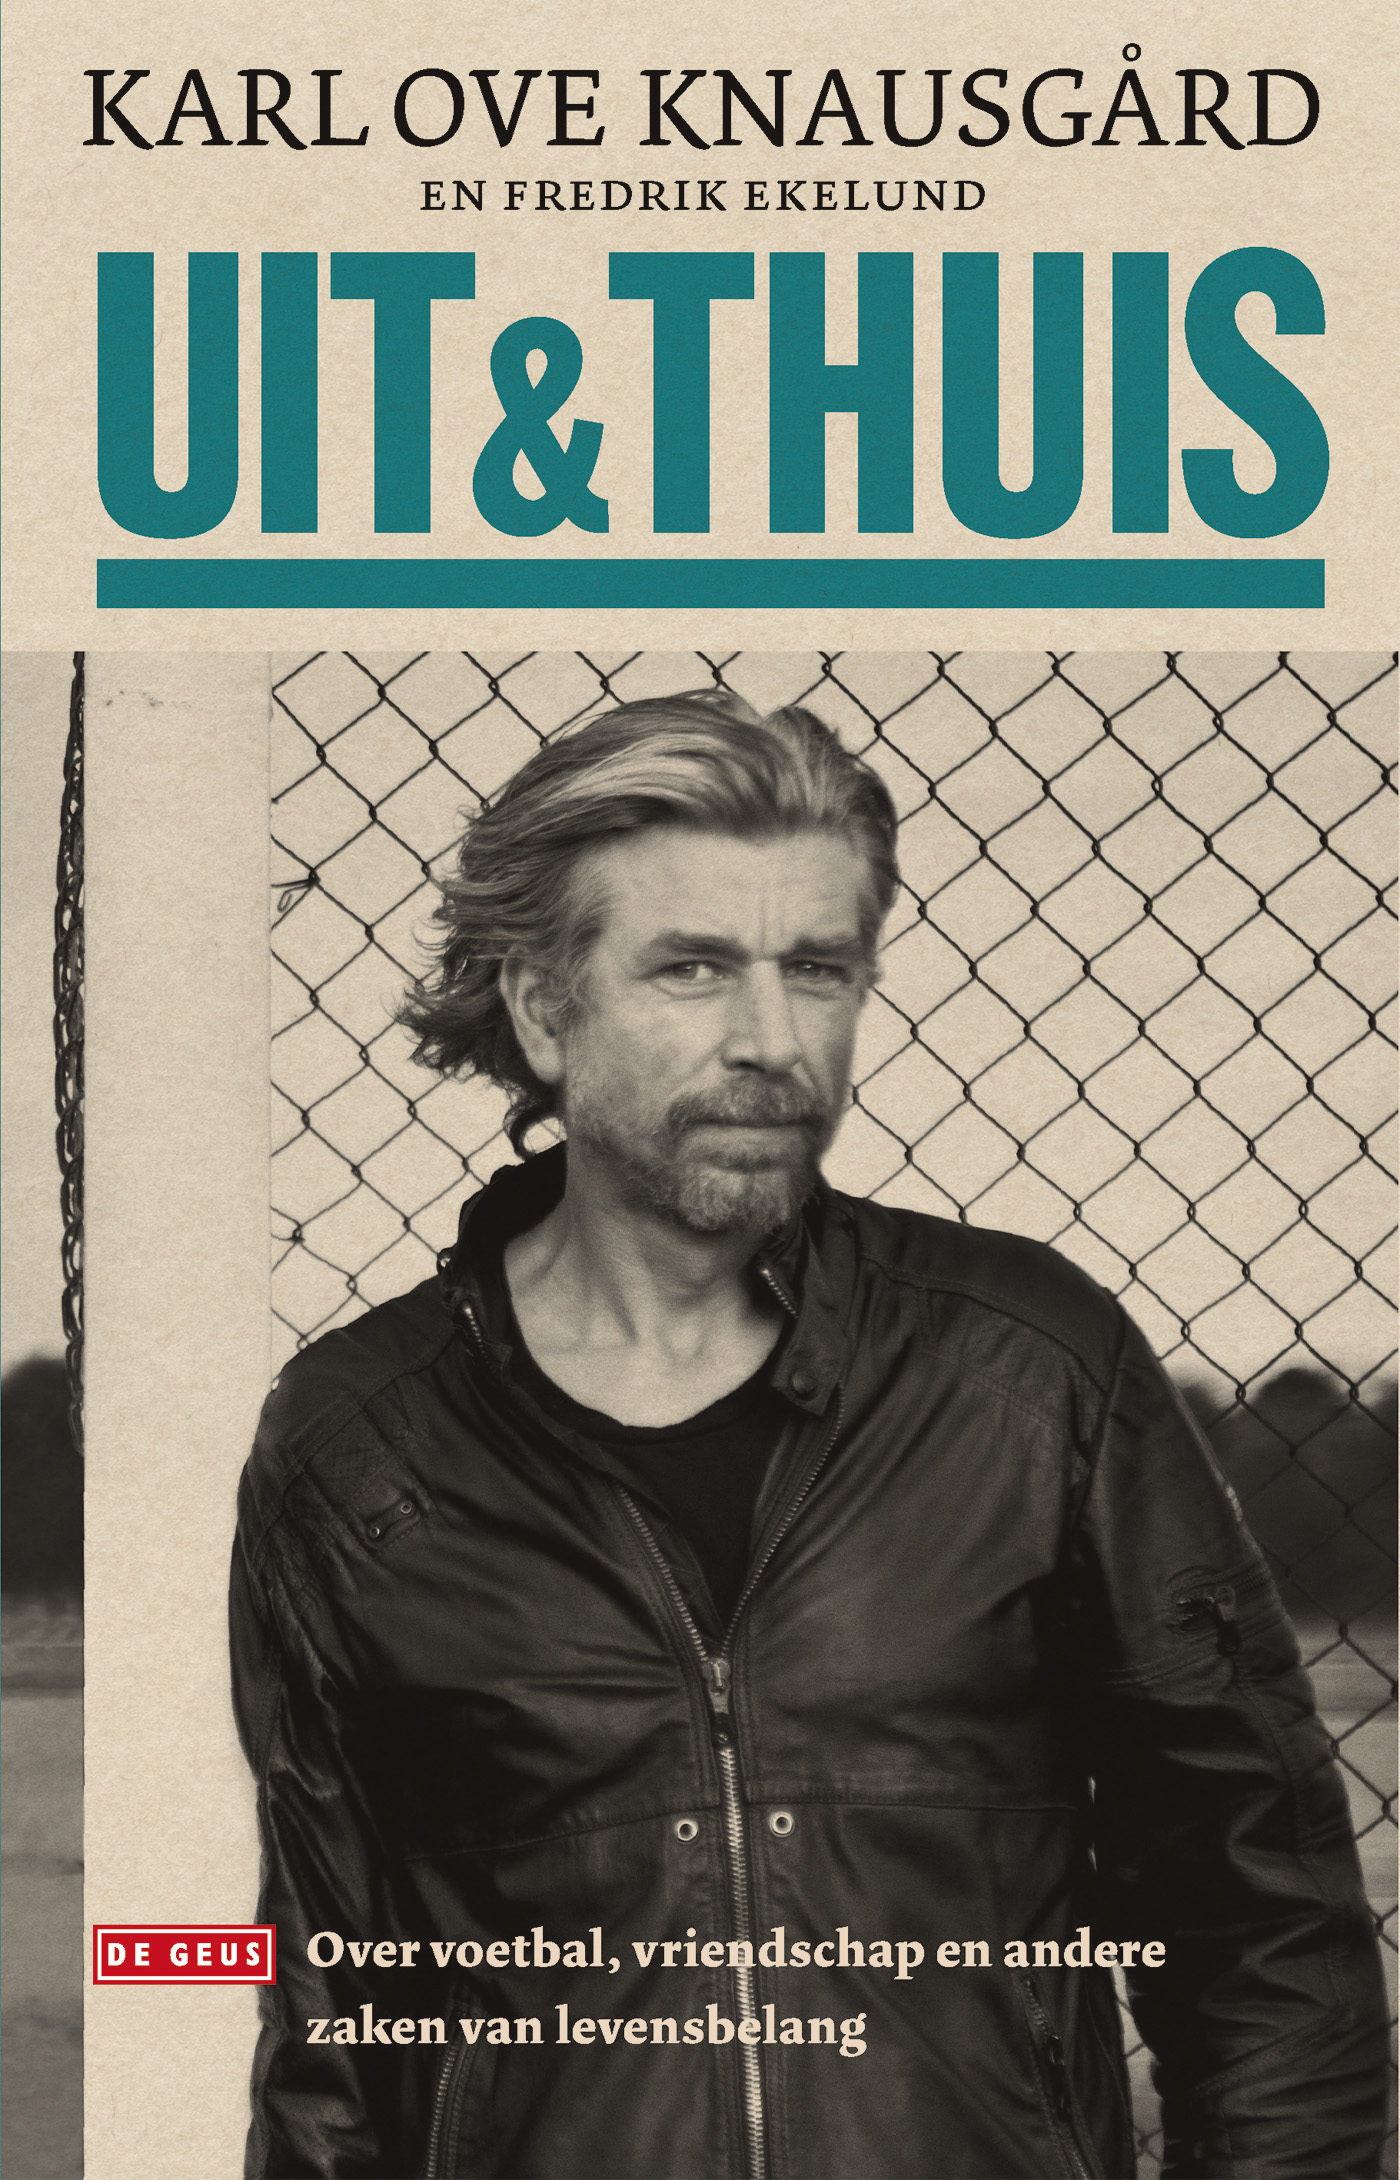 Uit & Thuis – Karl Ove Knausgård